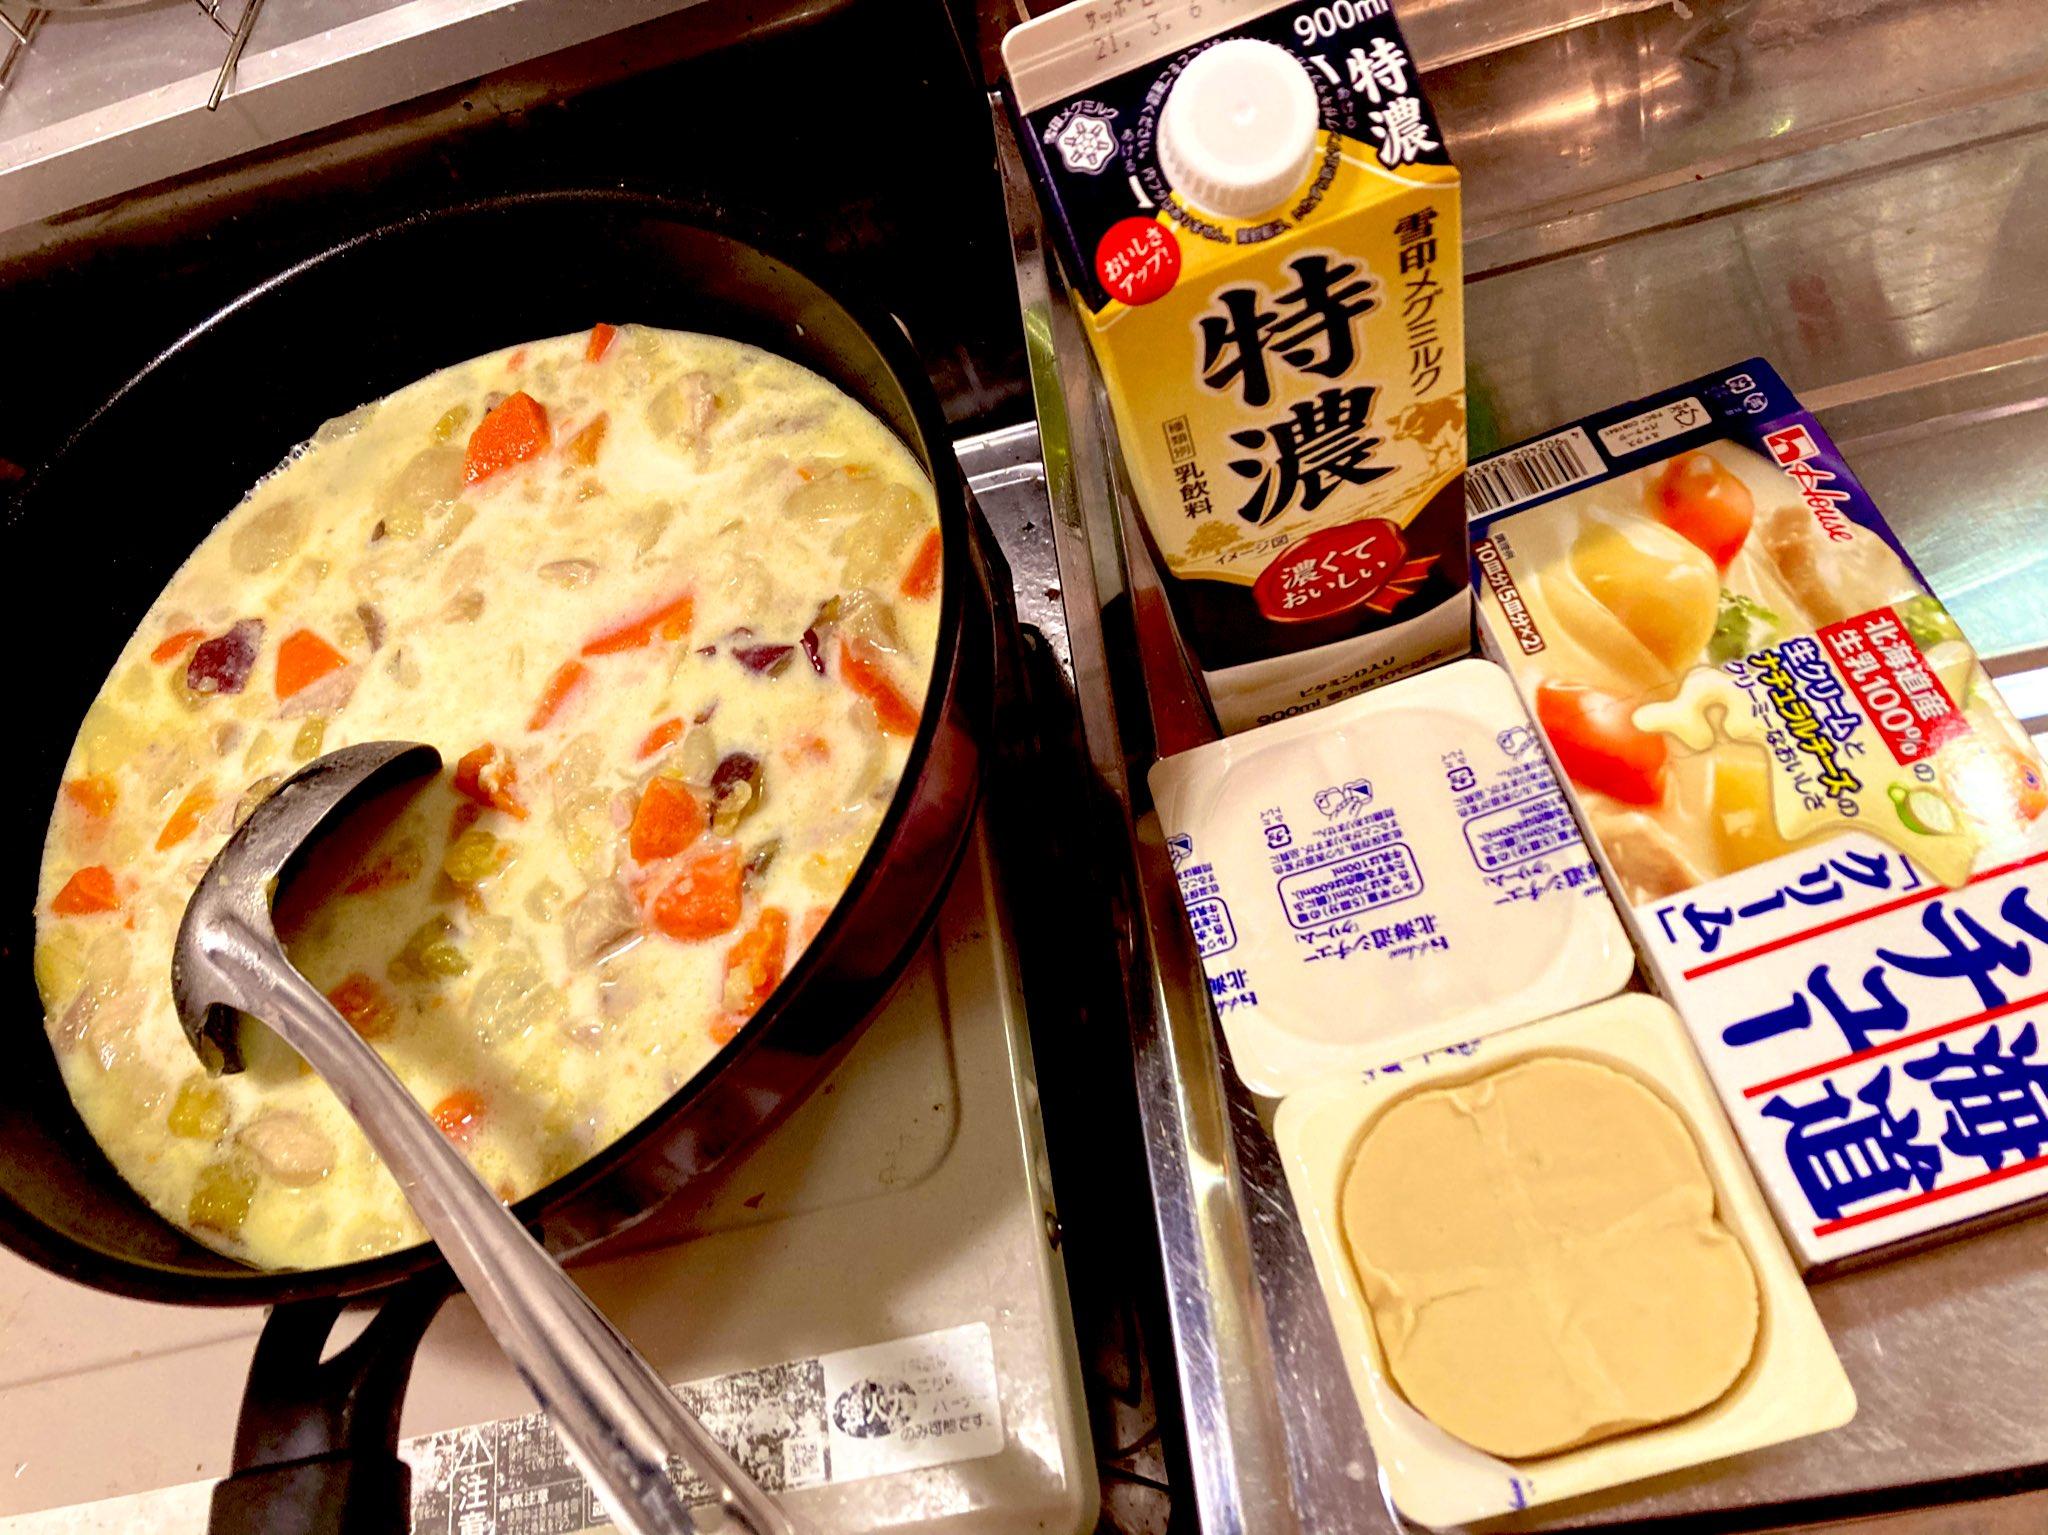 炊飯器から鍋に移して牛乳を入れる